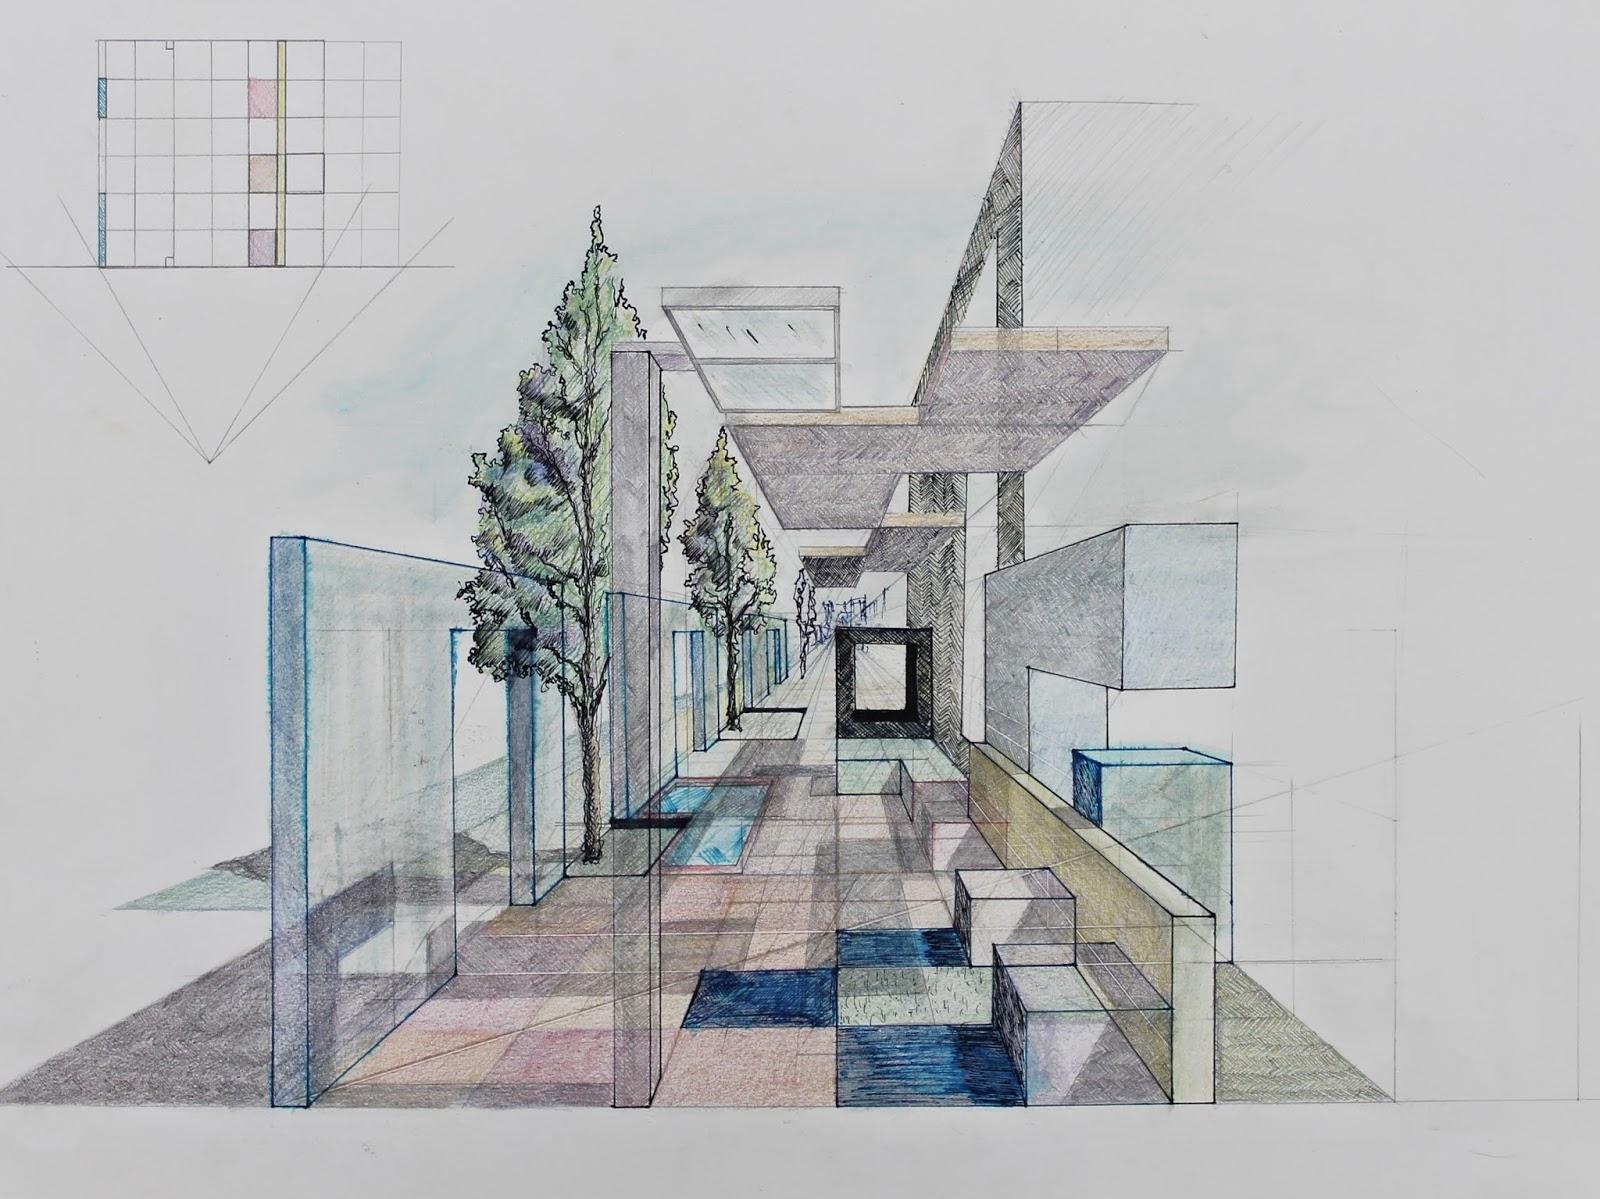 Arquitectura y dise o perspectiva c nica en color - Diseno y arquitectura ...